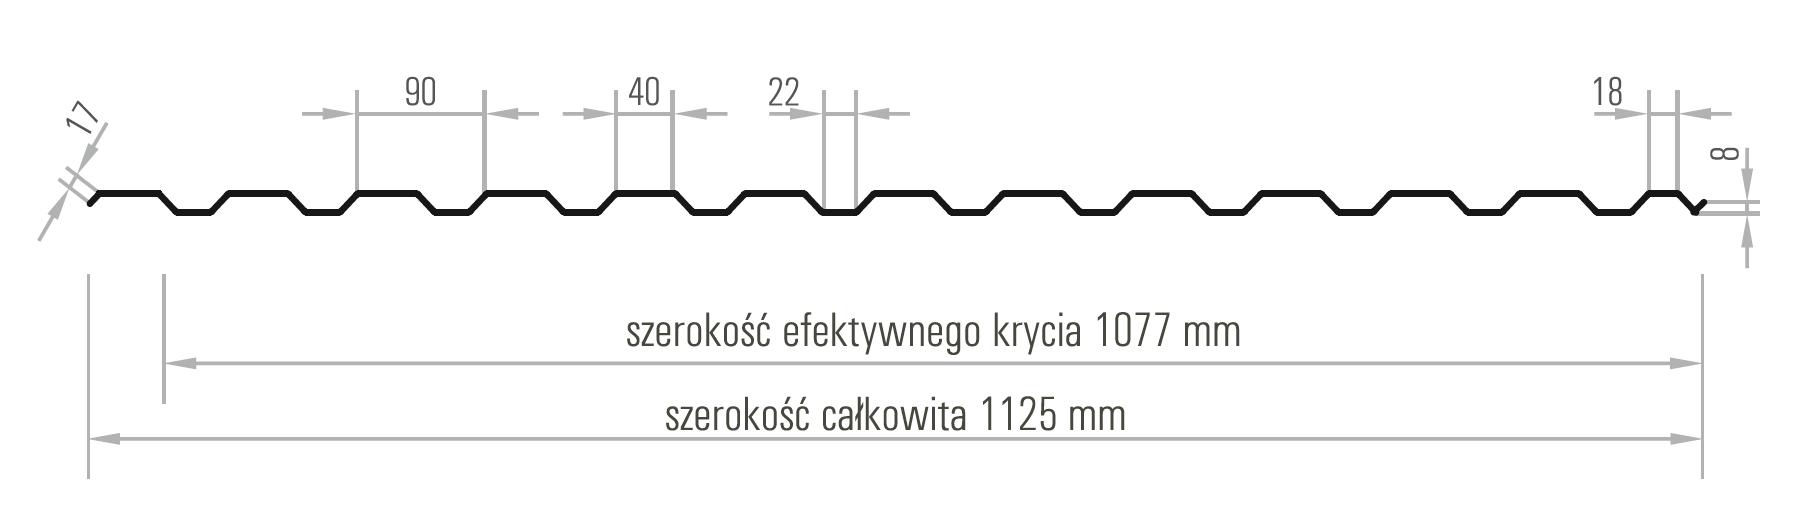 t-14_rys[1]